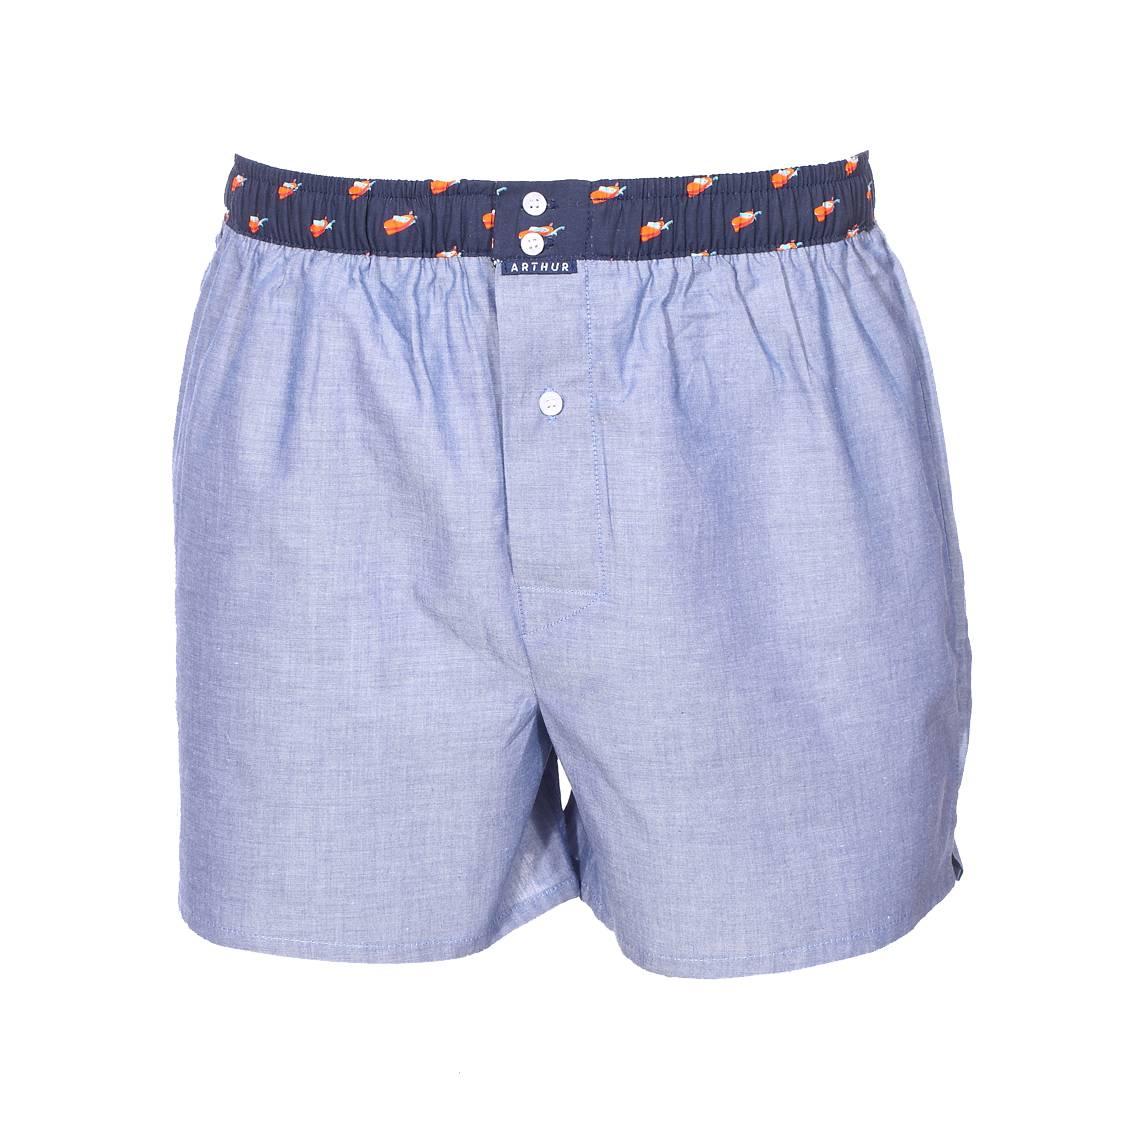 Caleçon Arthur Club en coton bleu denim à ceinture bleu marine à motifs bateaux